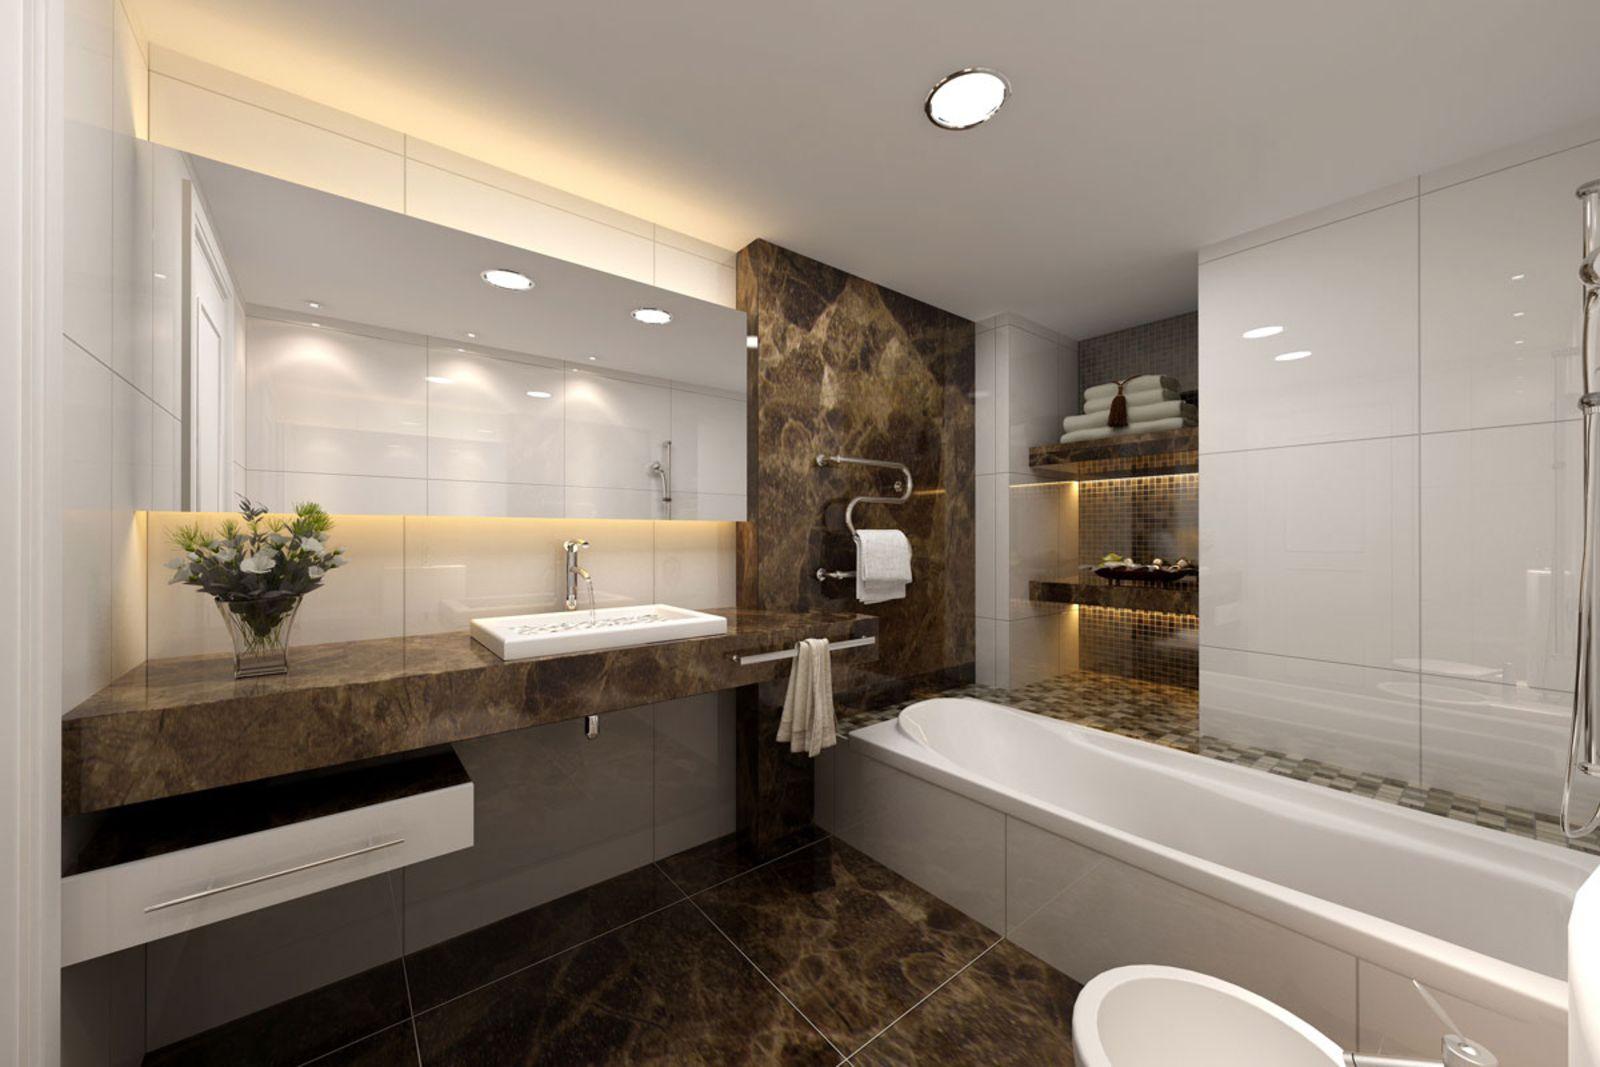 L geformte badezimmer umgestalten ideen ideen für dekoration spiegel designs  spiegeldesigns bieten eine